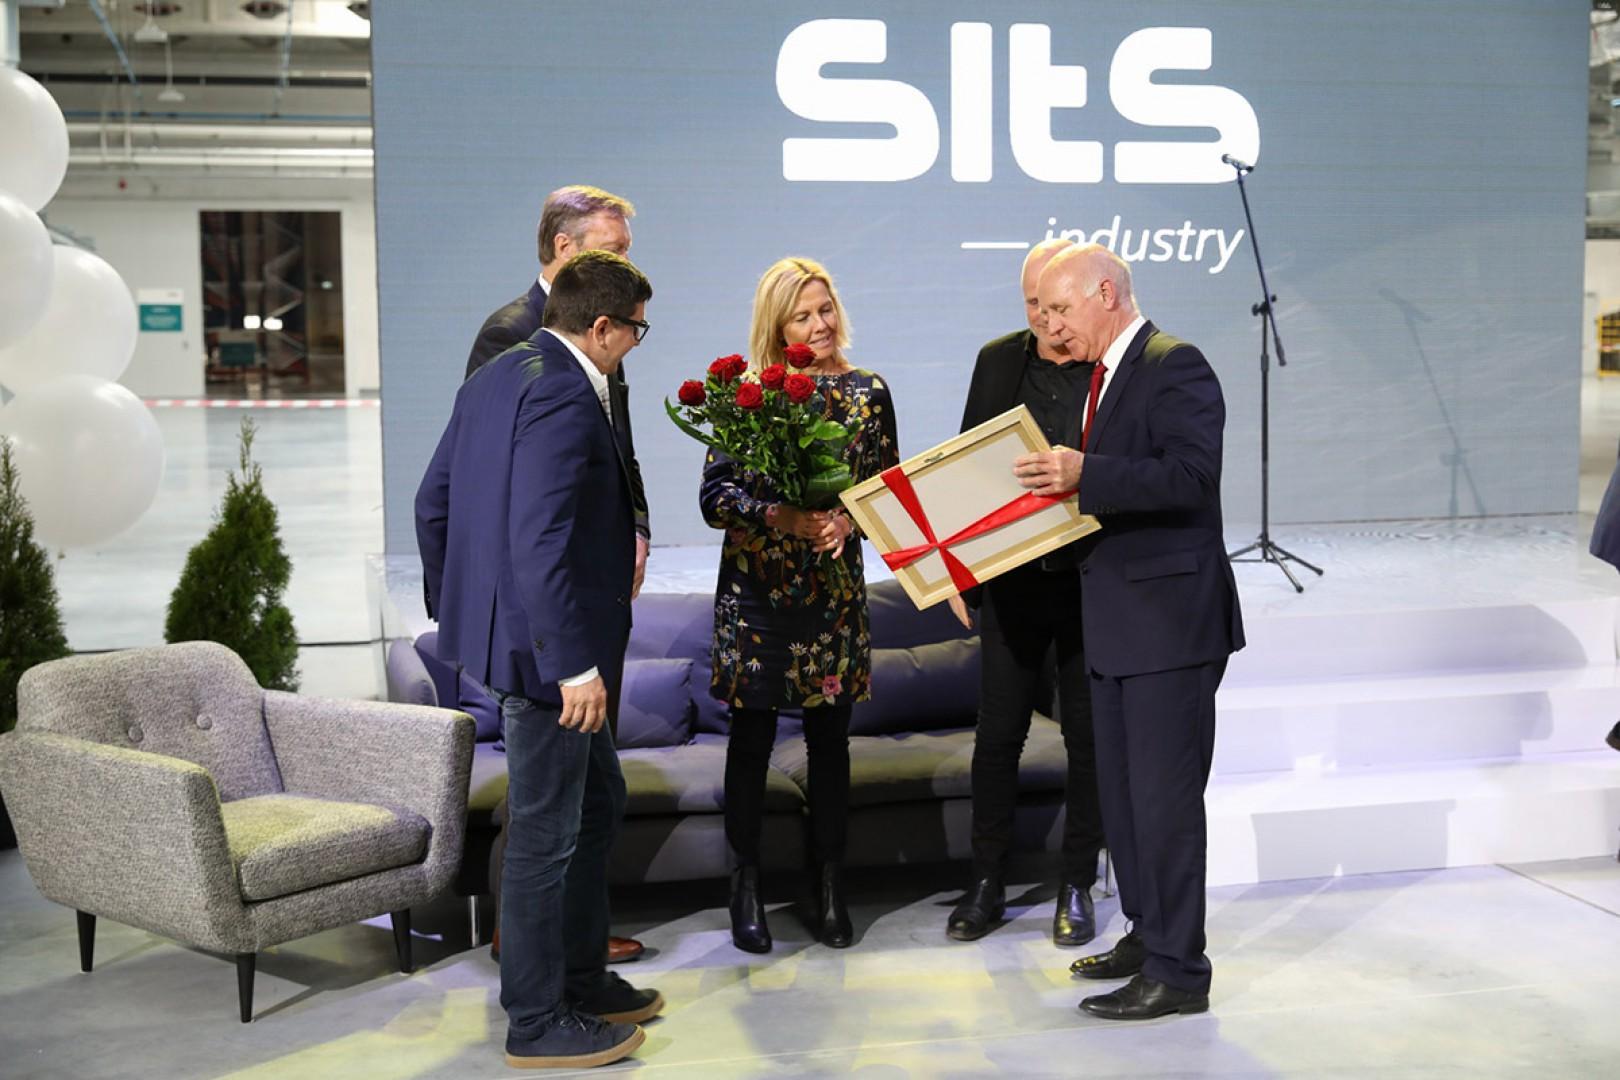 10 kwietnia 2018 roku odbyło się uroczyste otwarcie nowego zakładu - Sits Industry w Grudziądzu. Fot. Sits